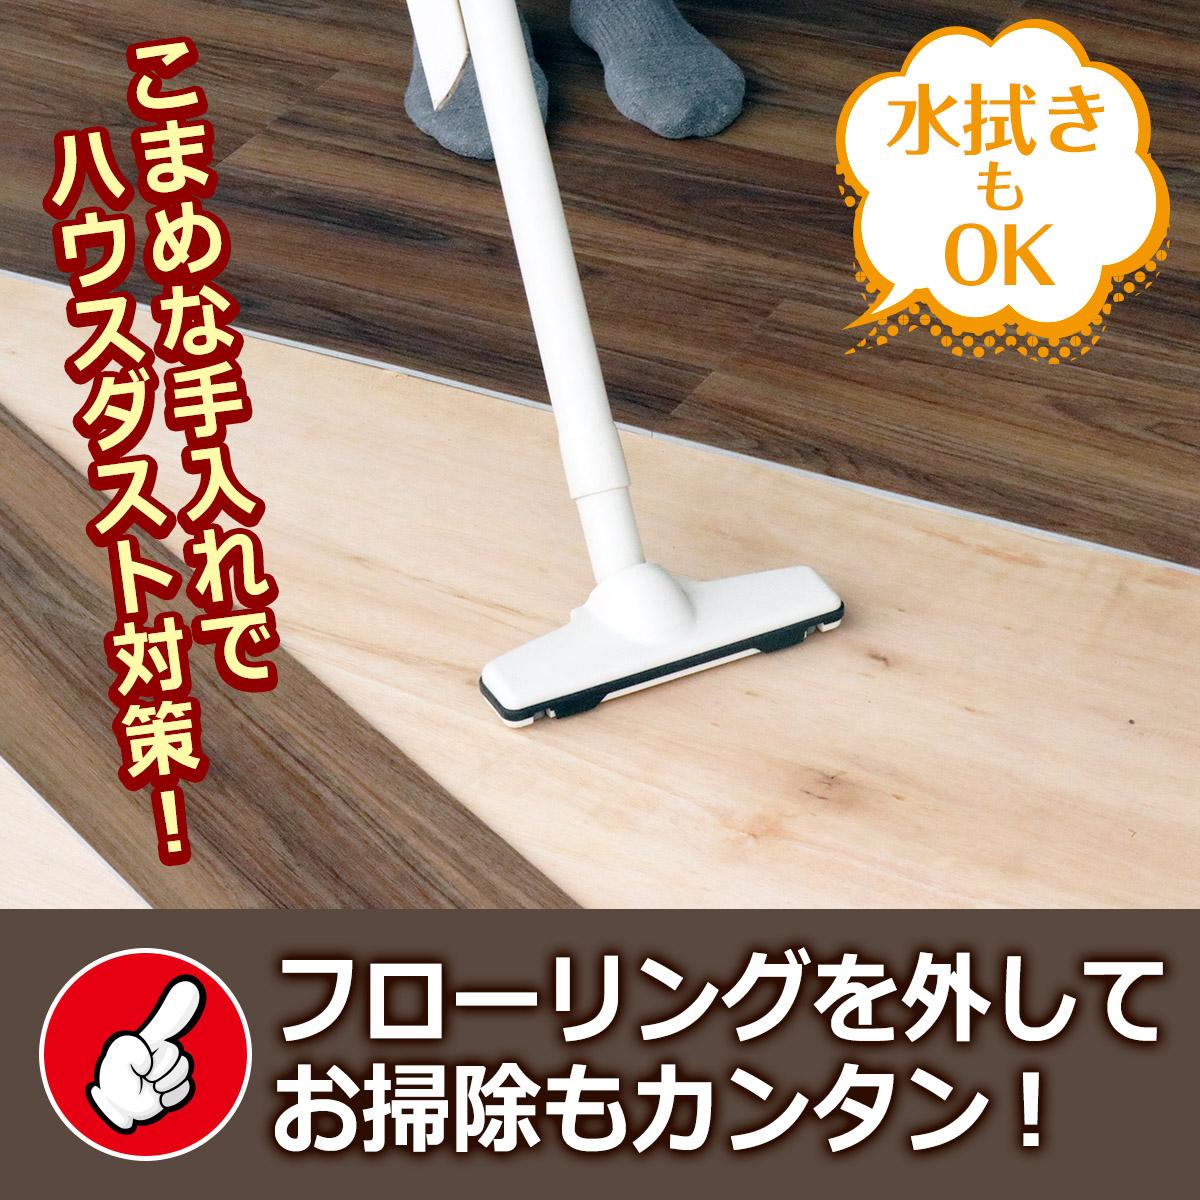 フローリングを外してお掃除もカンタン こまめな手入れでハウスダスト対策!水ぶきもOK